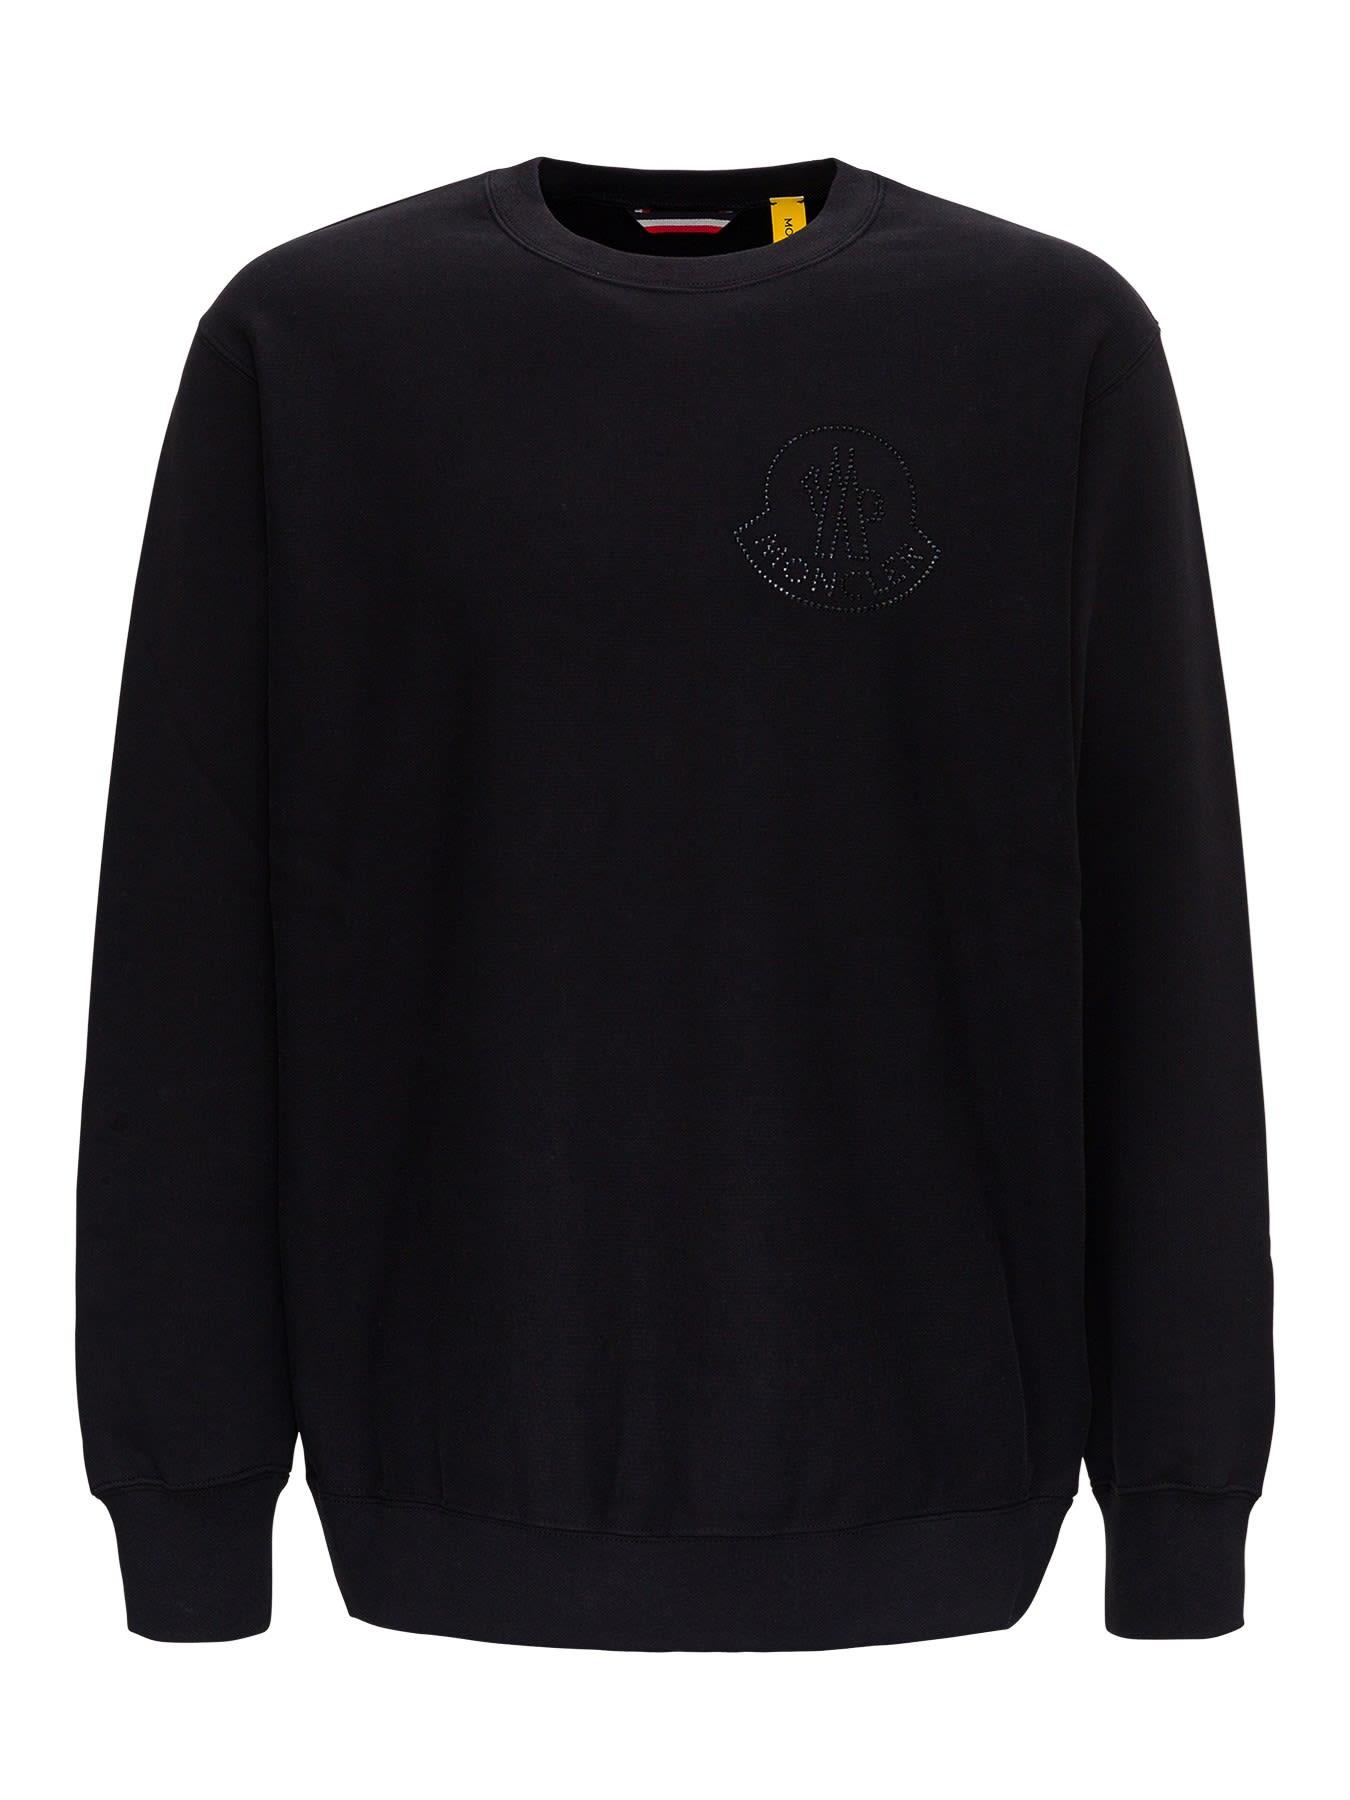 Sweatshirt With Swarovski Logo By 1952